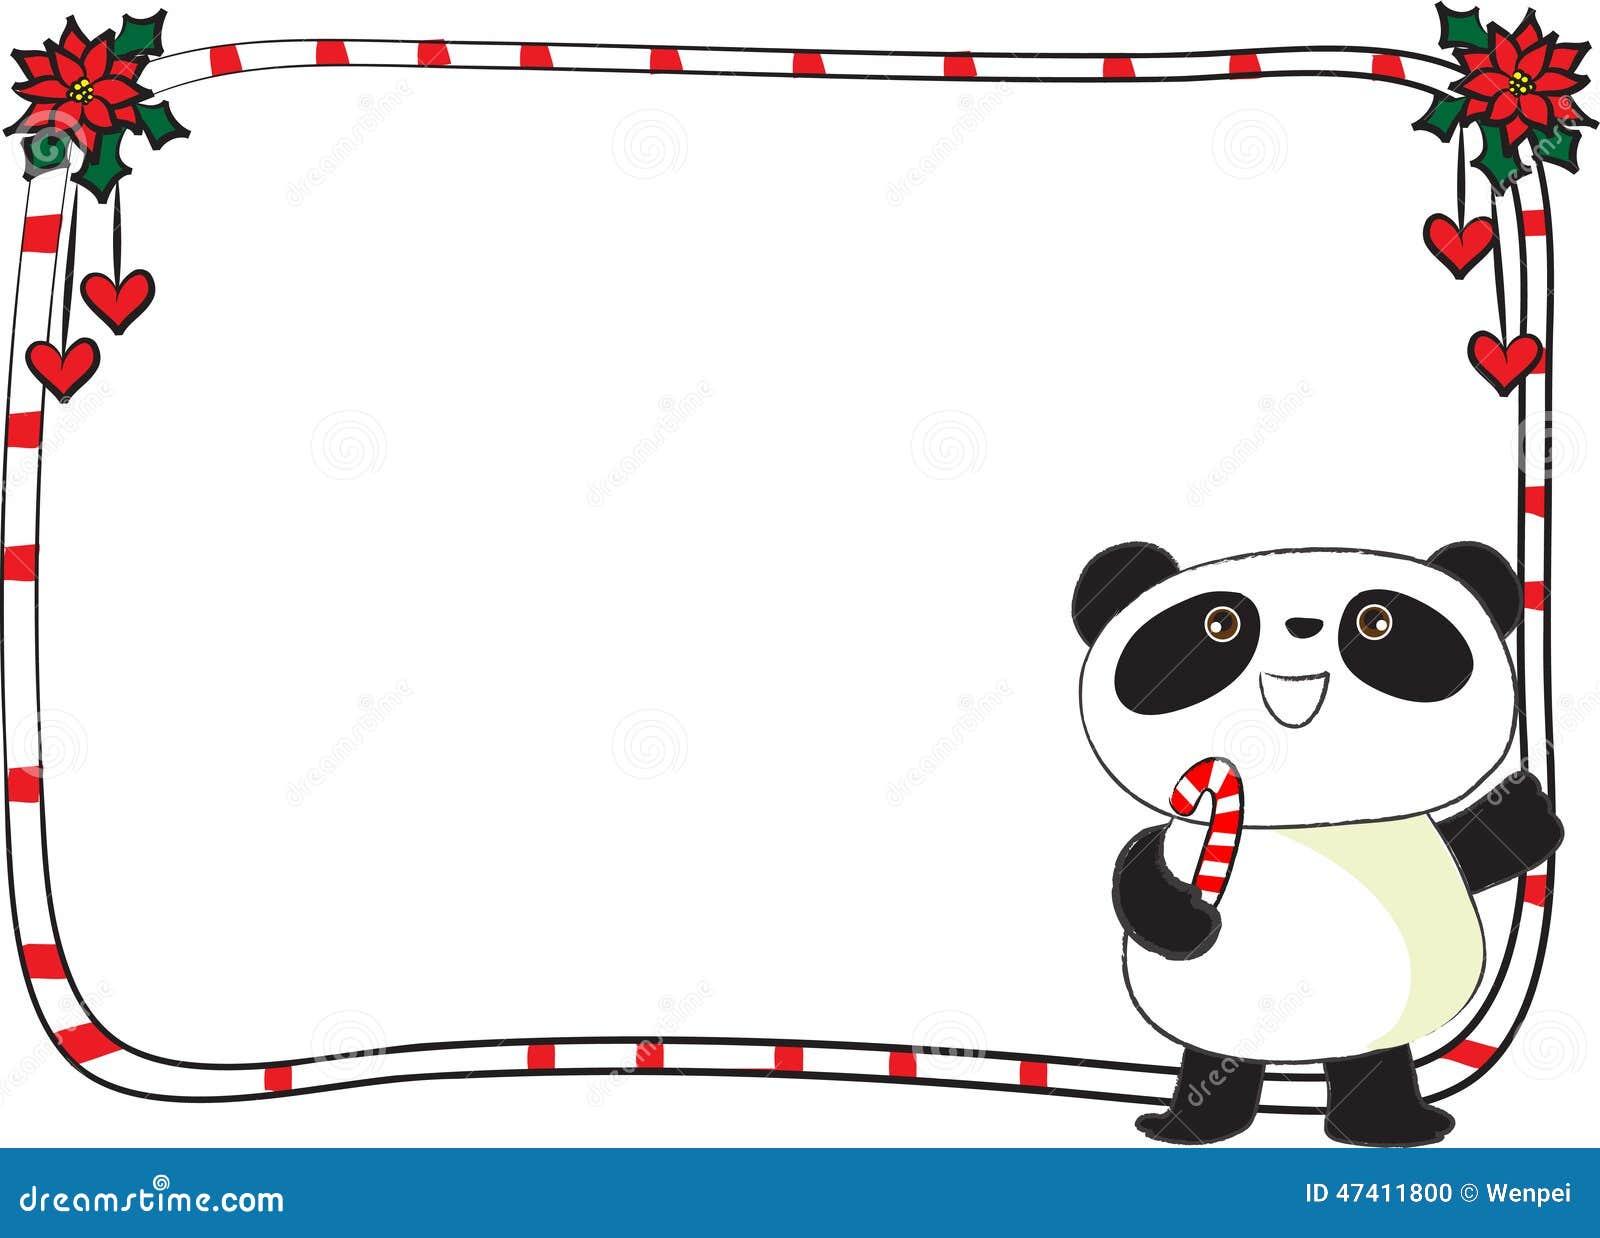 merry christmas card border frame stock illustration